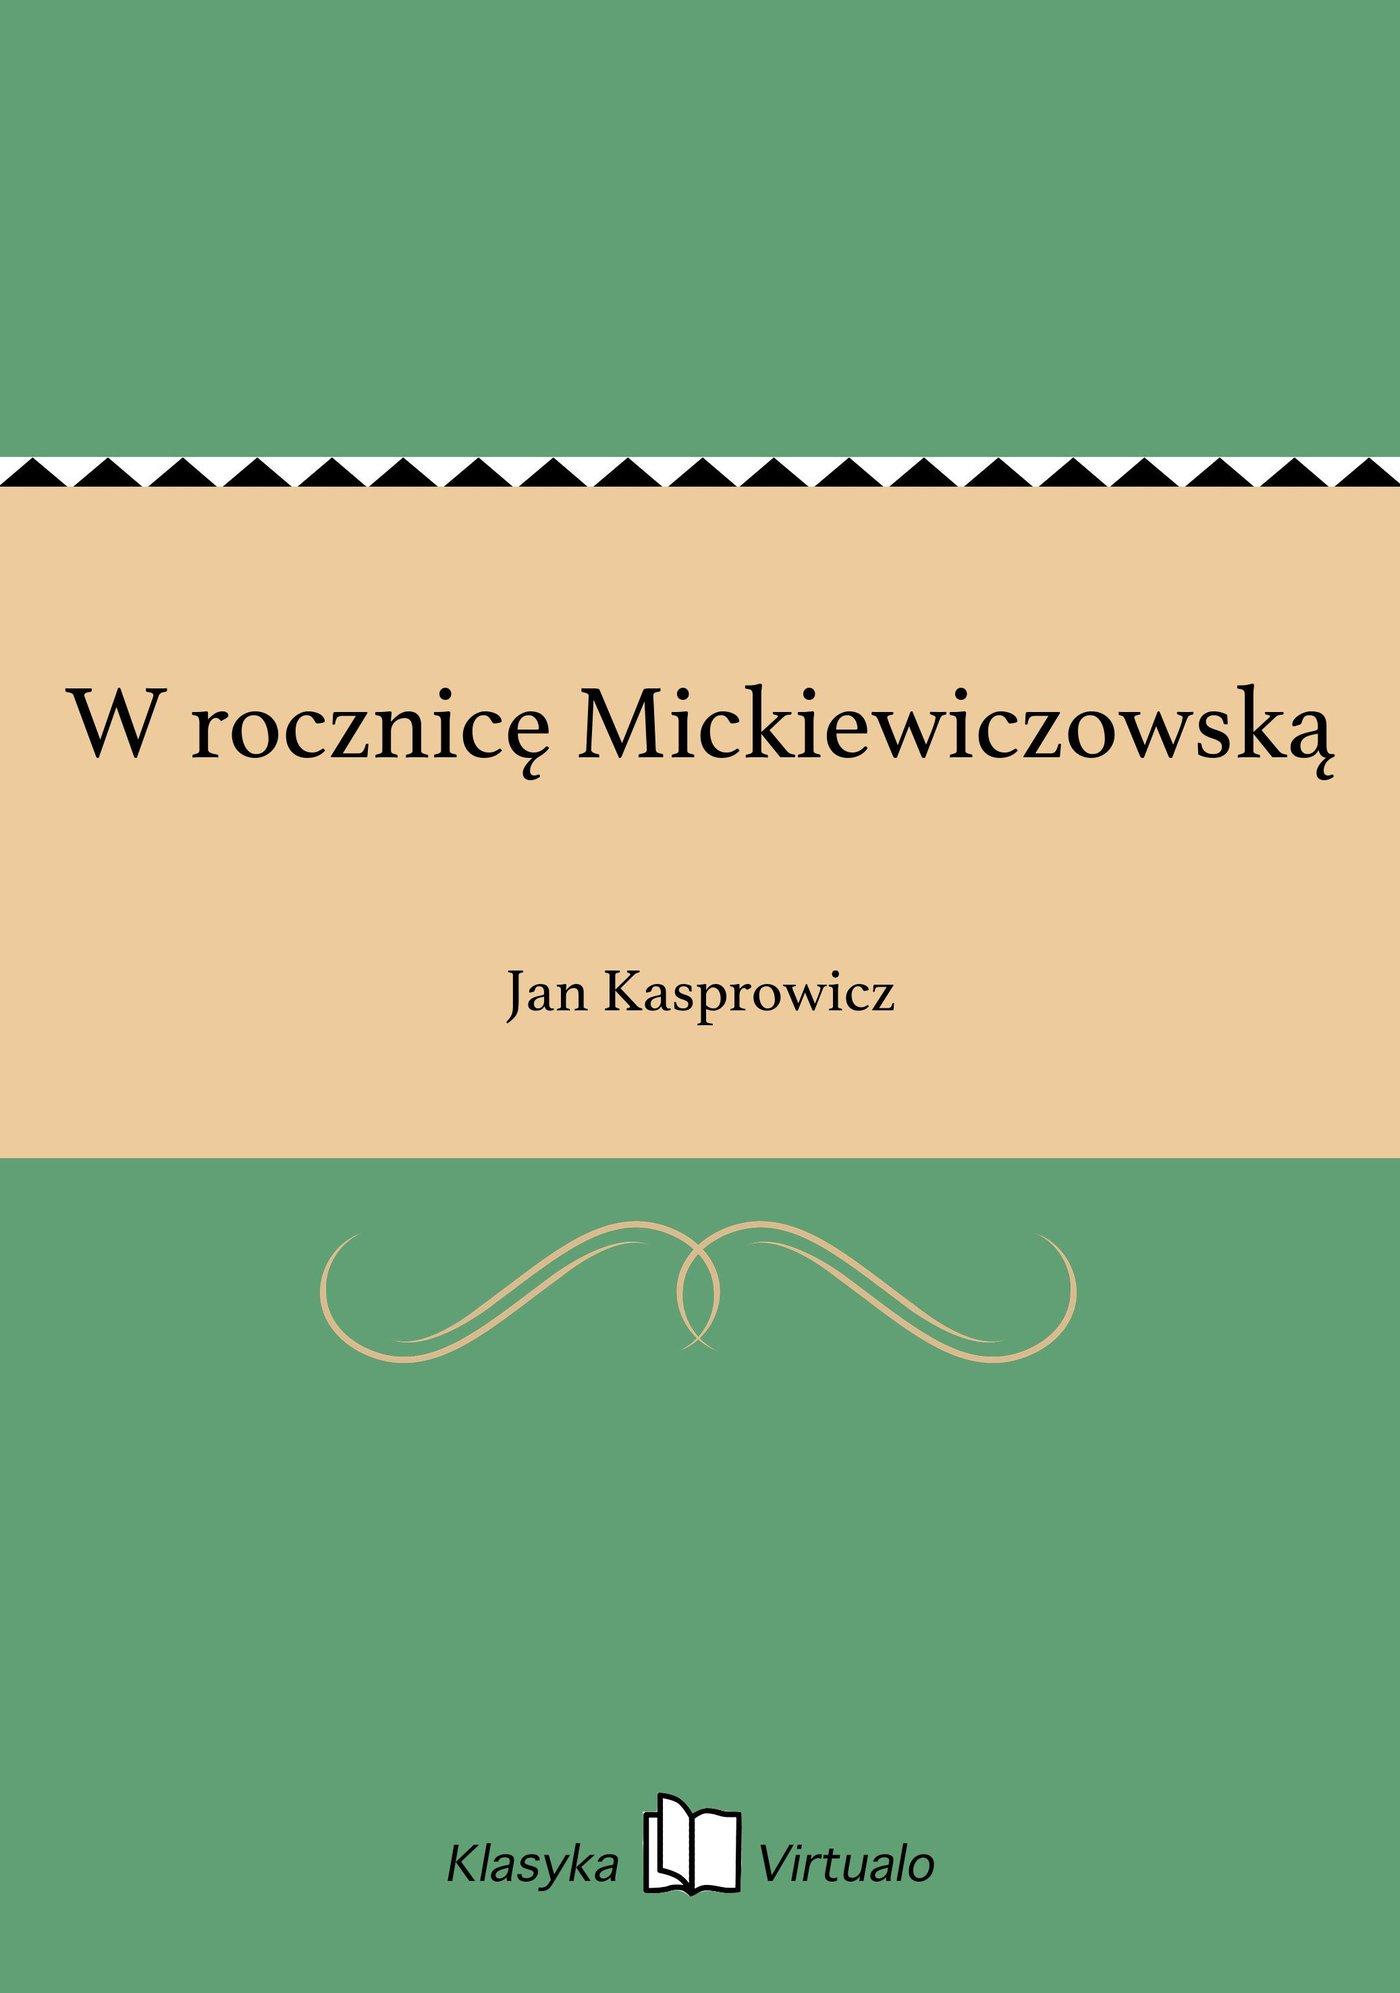 W rocznicę Mickiewiczowską - Ebook (Książka EPUB) do pobrania w formacie EPUB